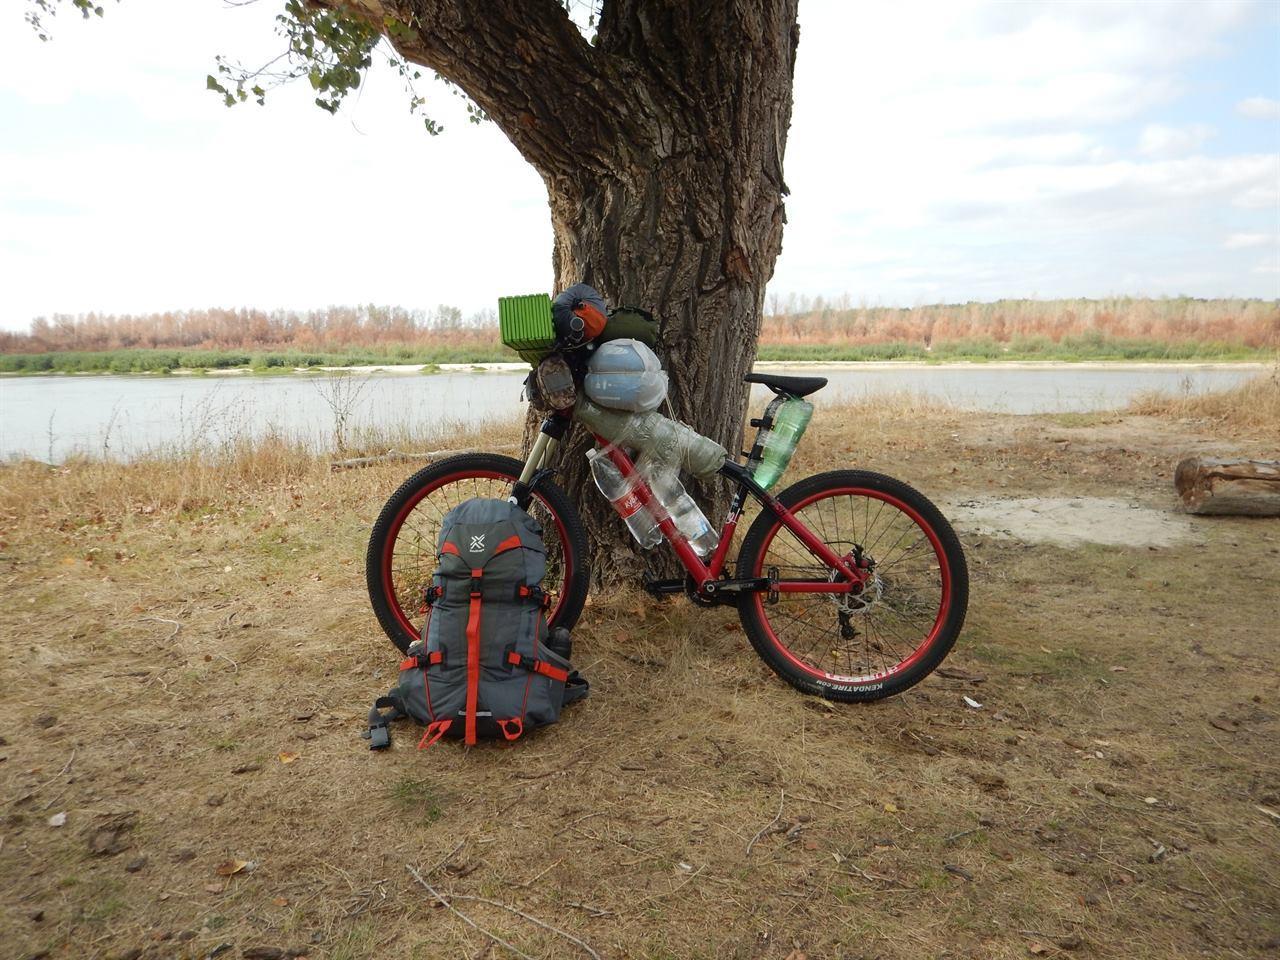 Велосипед у дерева с рюкзаком